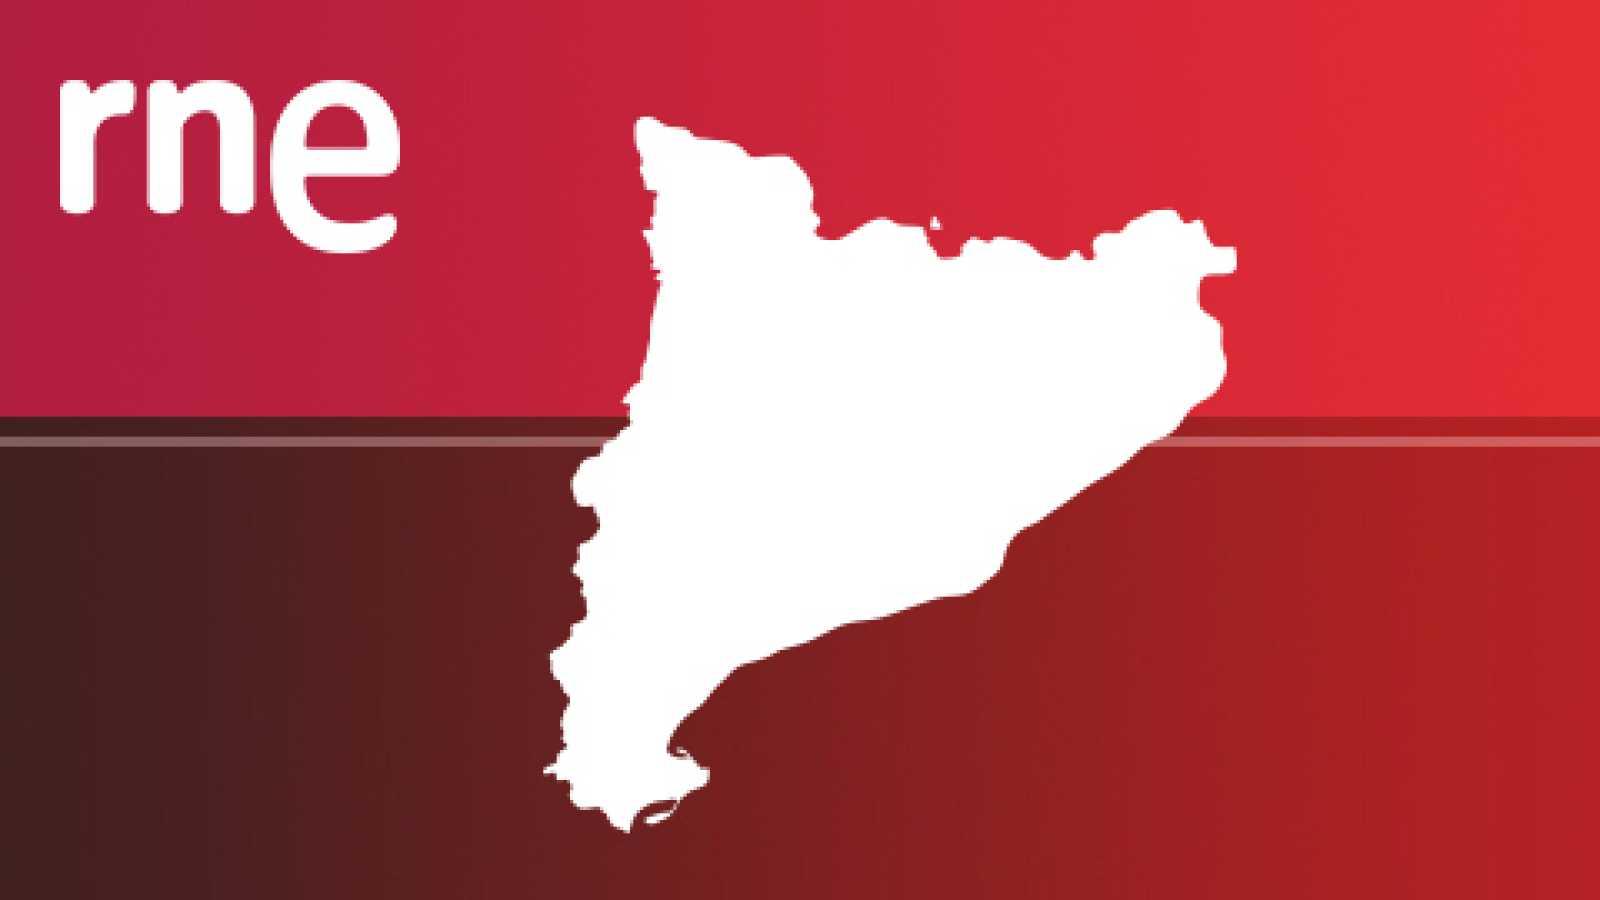 Edició matí Girona-2 morts més  i més ingressats per la Covid